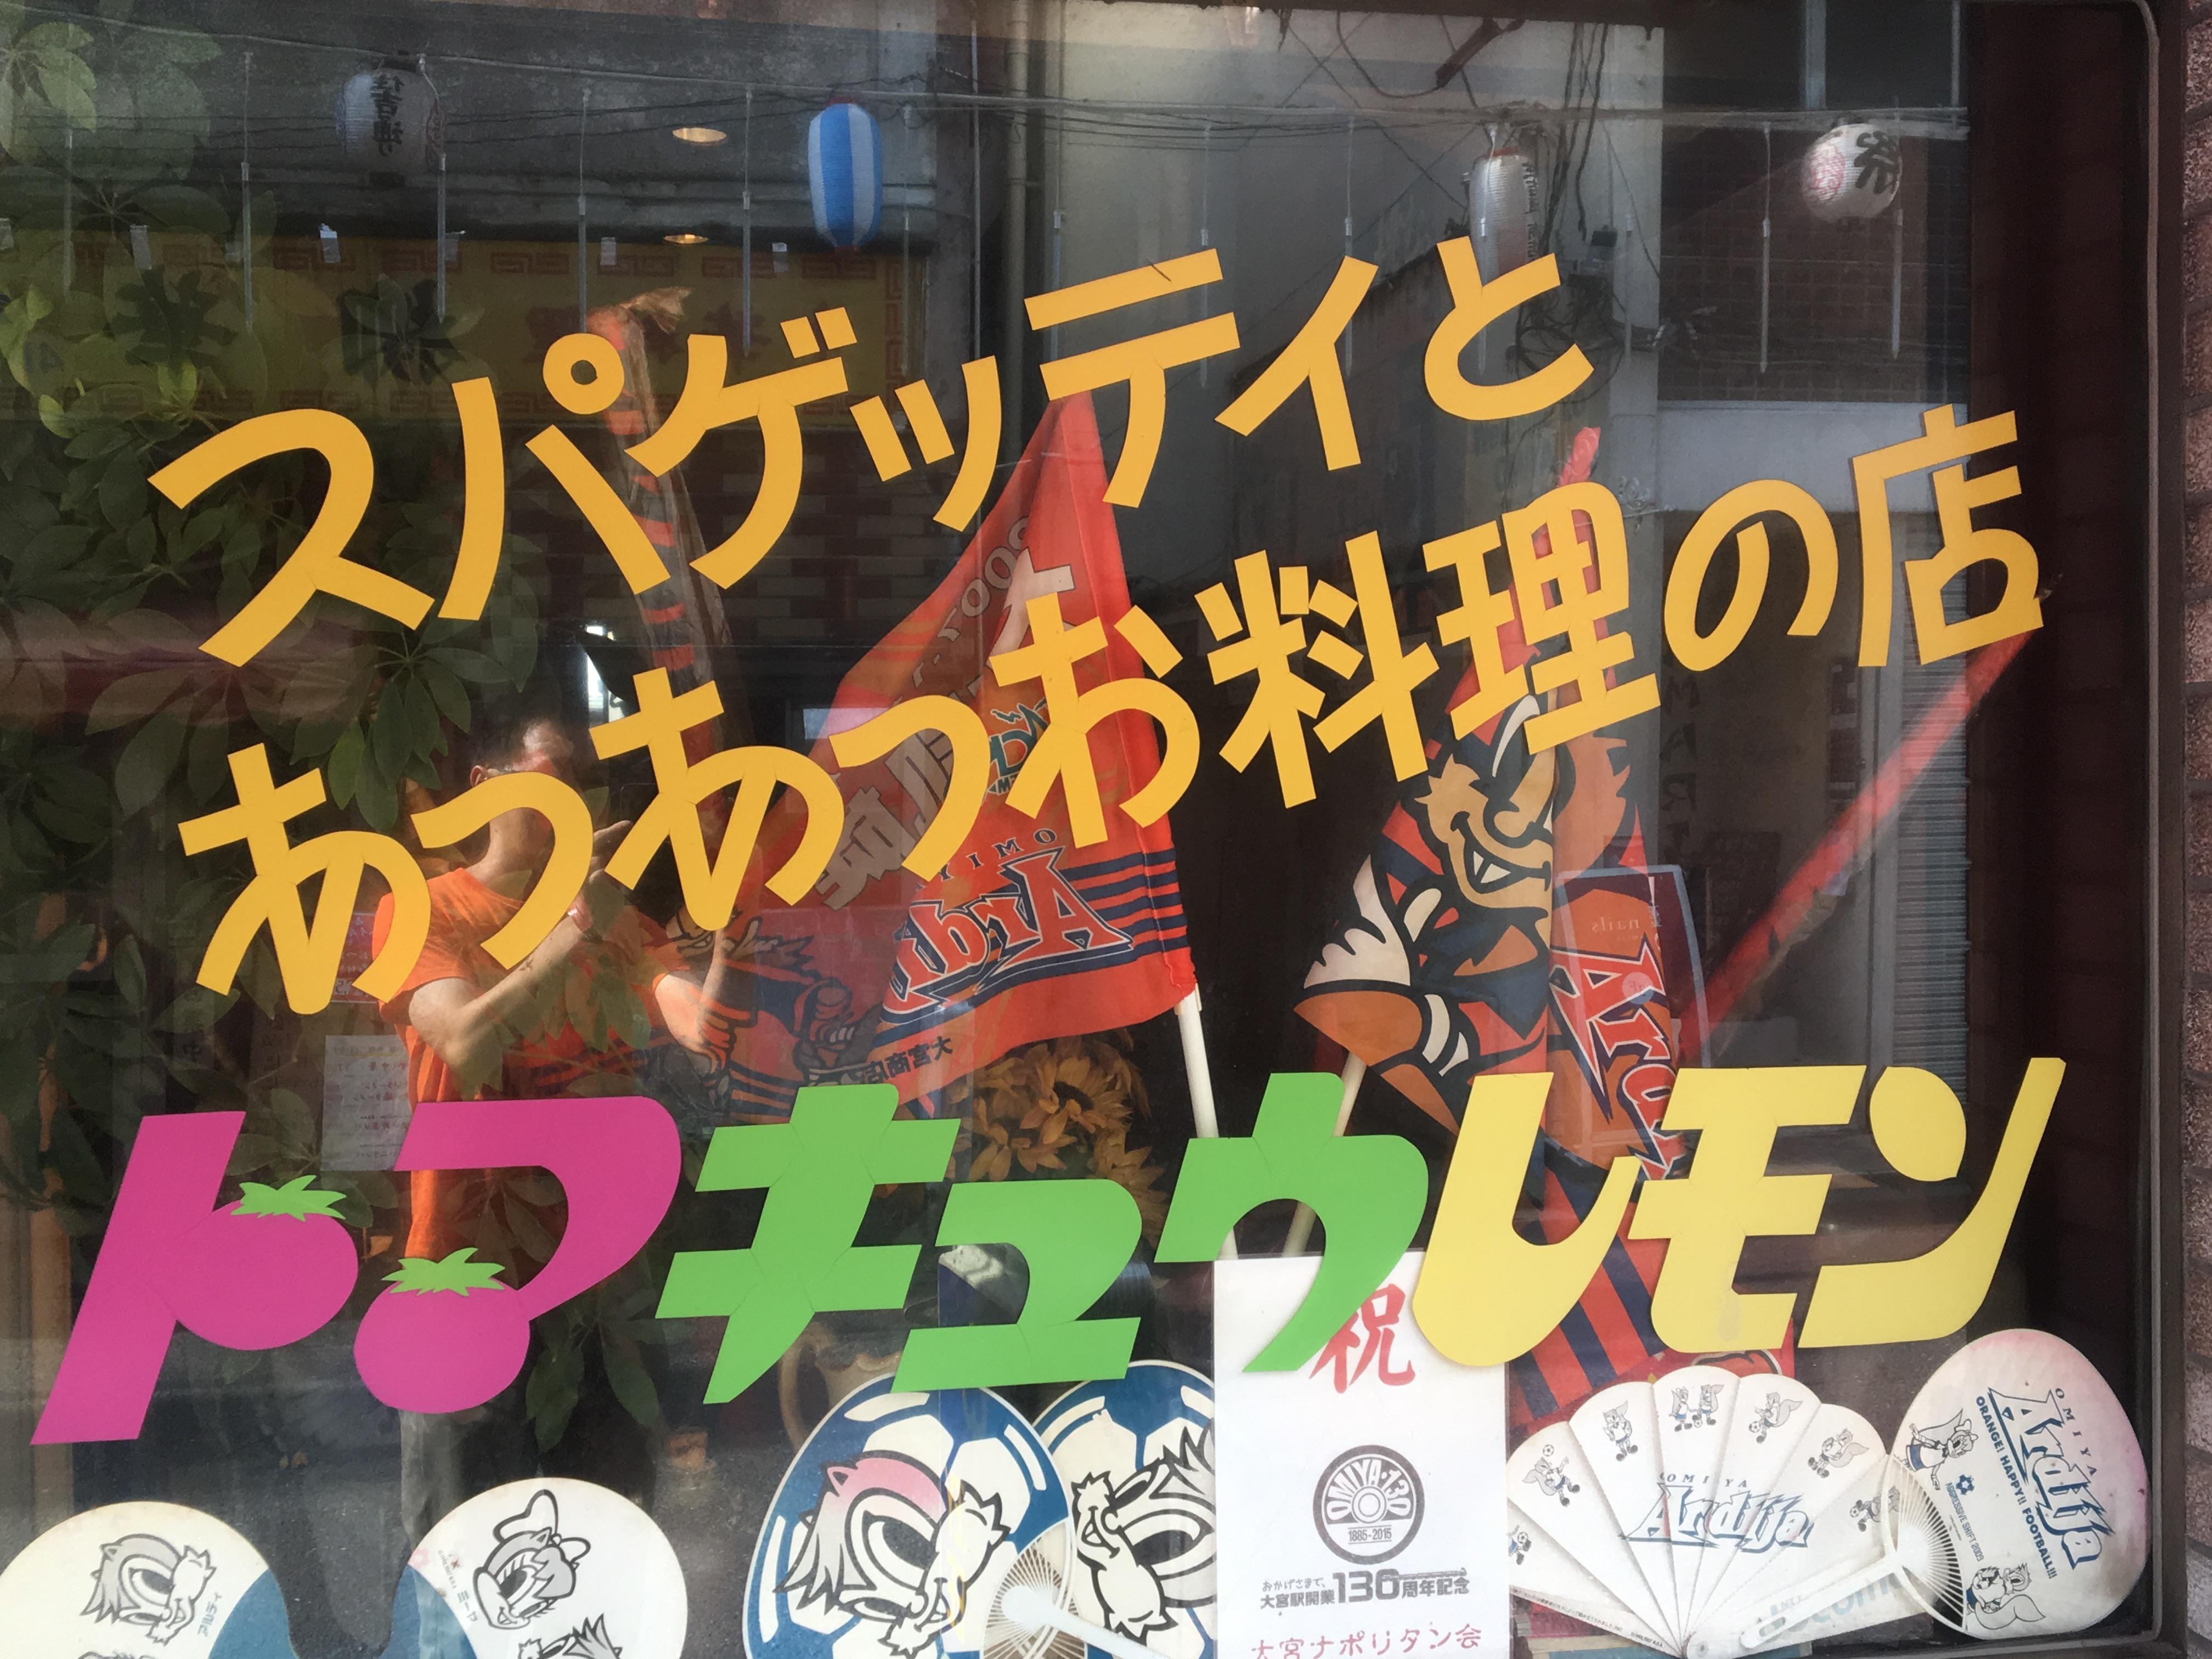 謎の暗号⁉︎住吉通りのパスタ店「トマキュウレモン」に潜入!